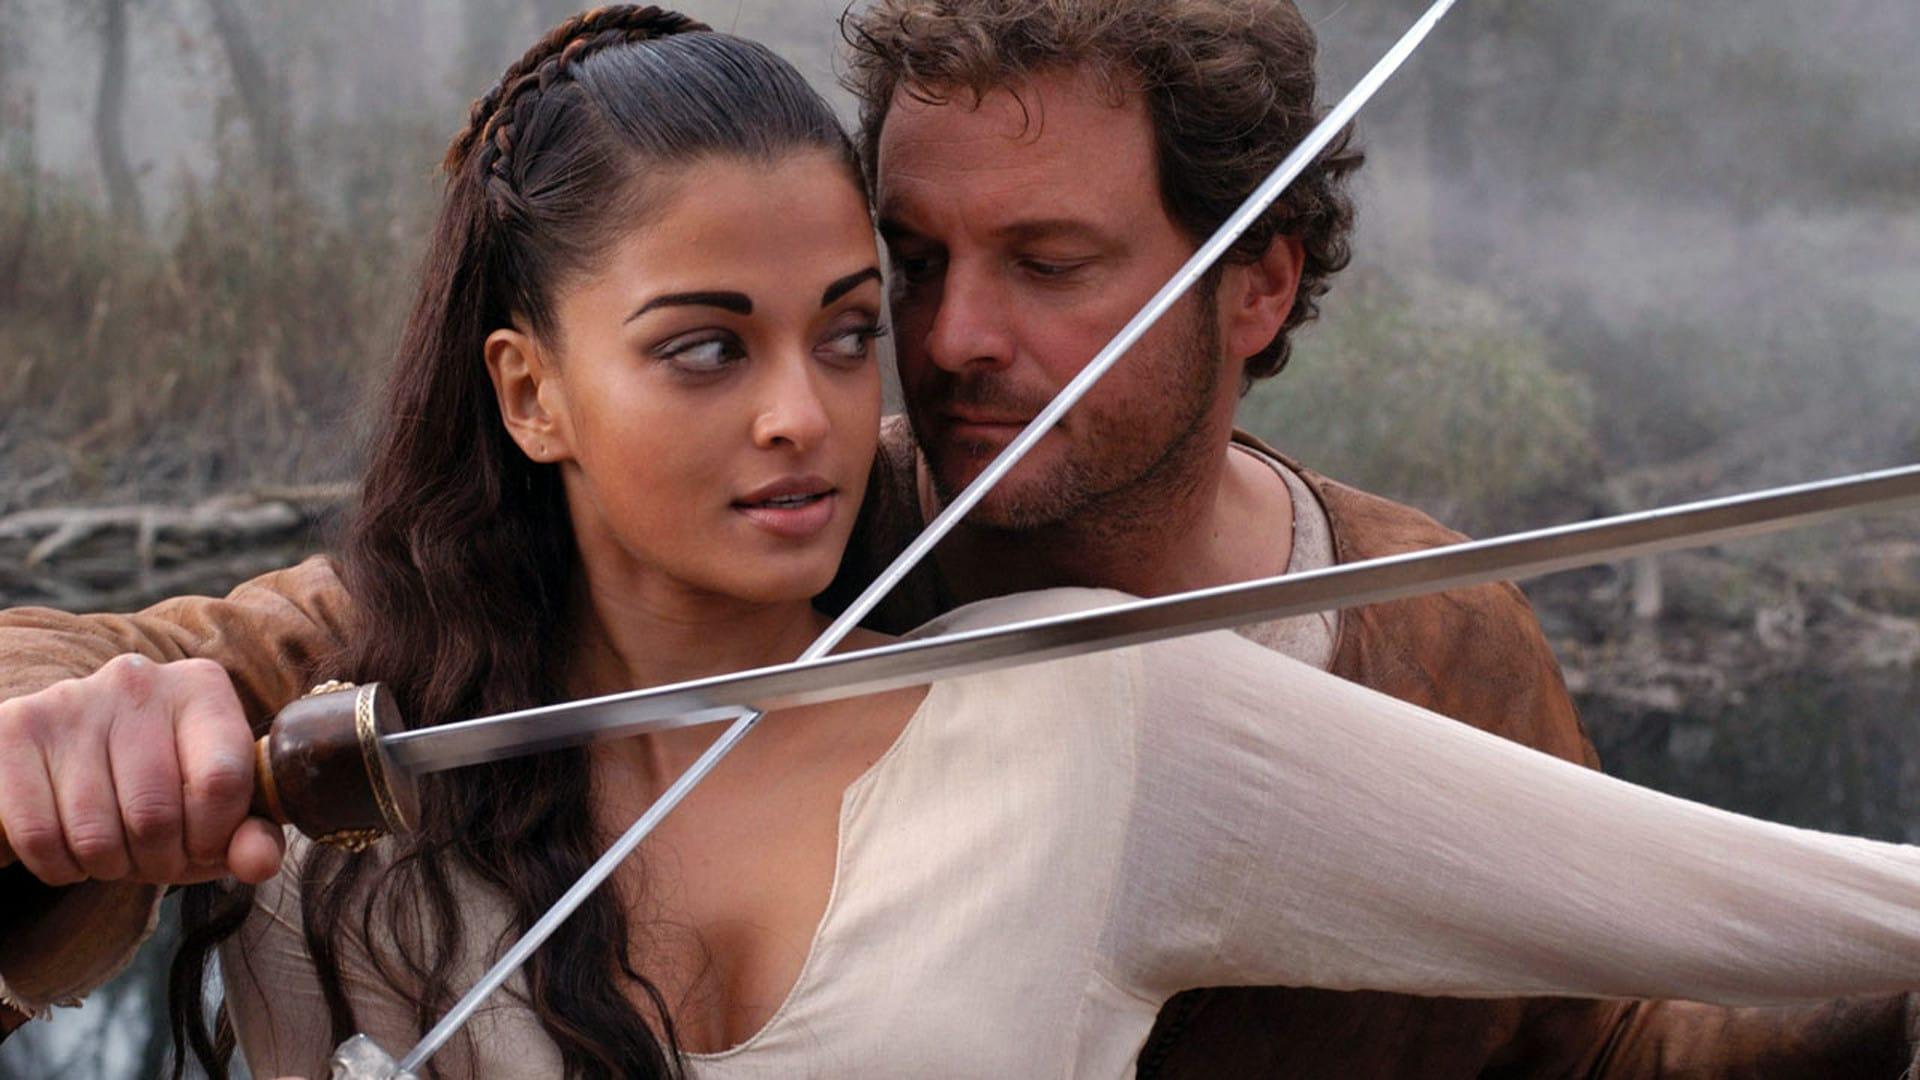 Aishwarya Rai as the warrior woman Mira and Colin Firth as the legionnaire Aurelius Antonius in The Last Legion (2007)